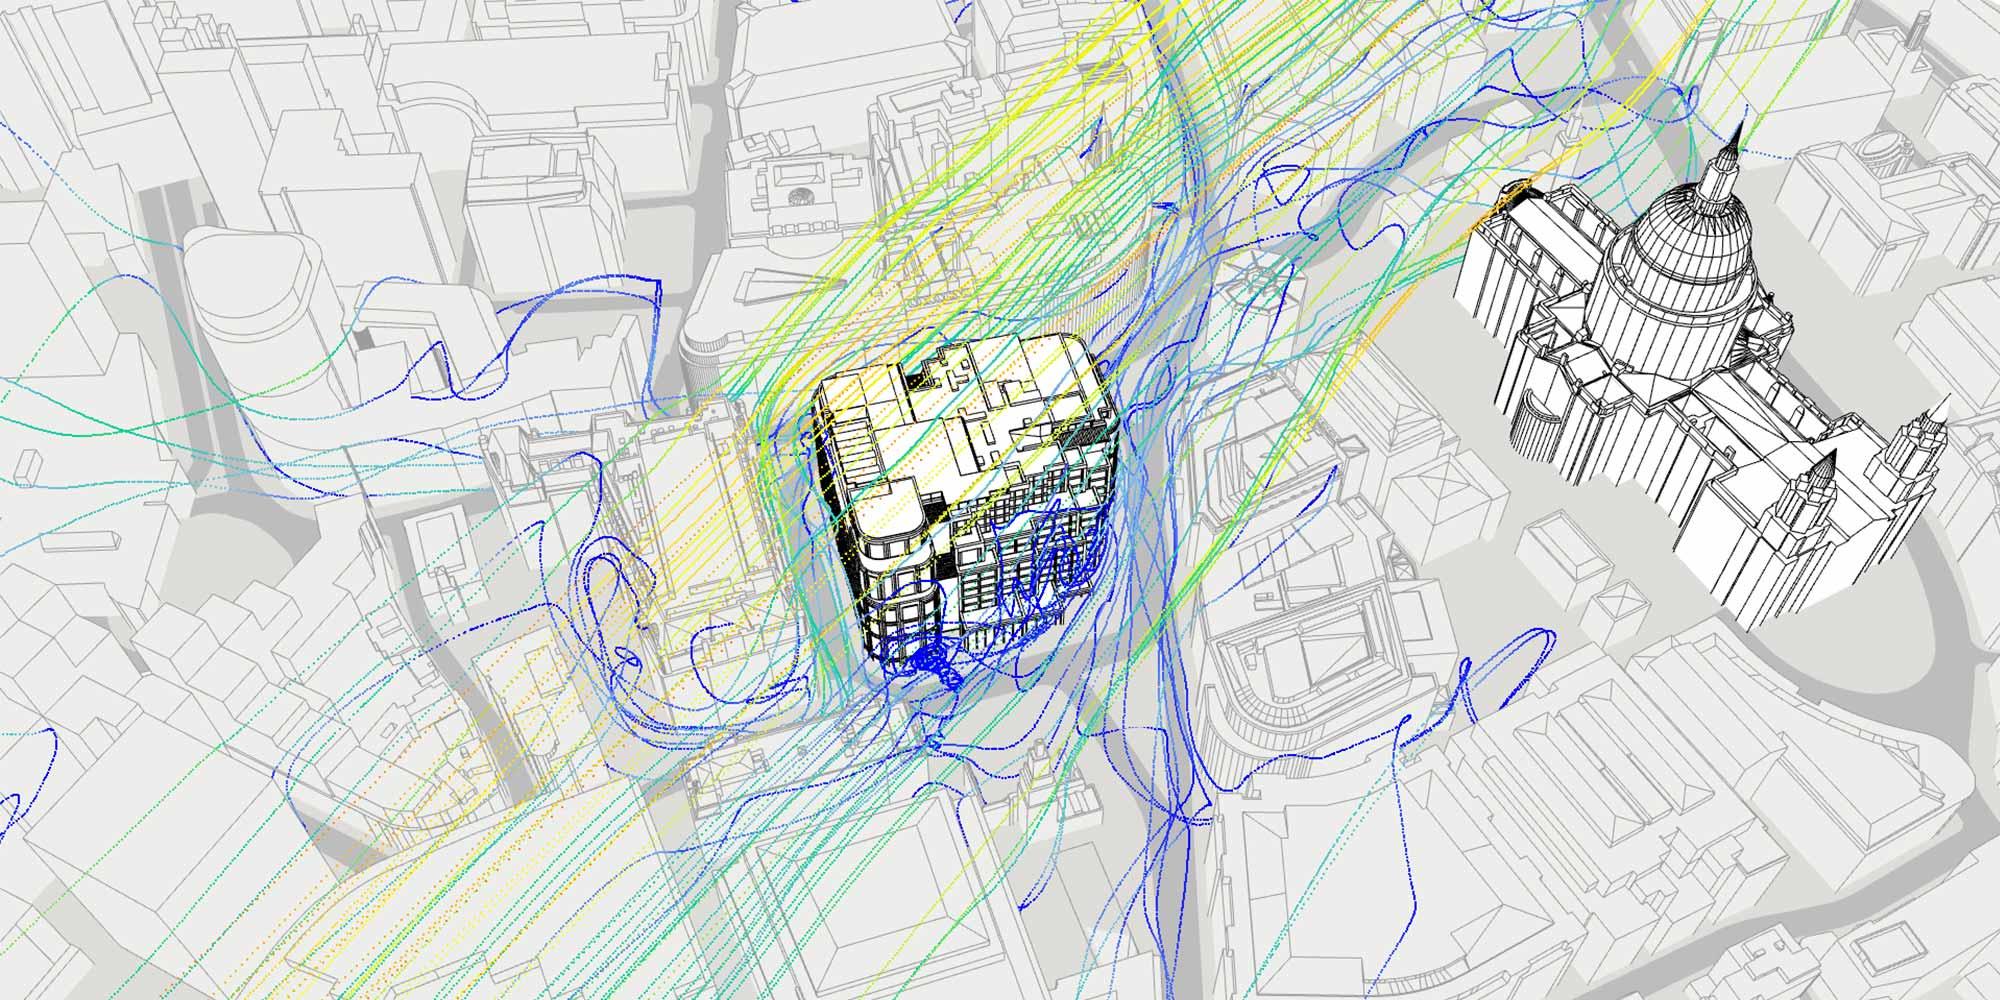 AKT II's bioclimatic study of 81 Newgate Street